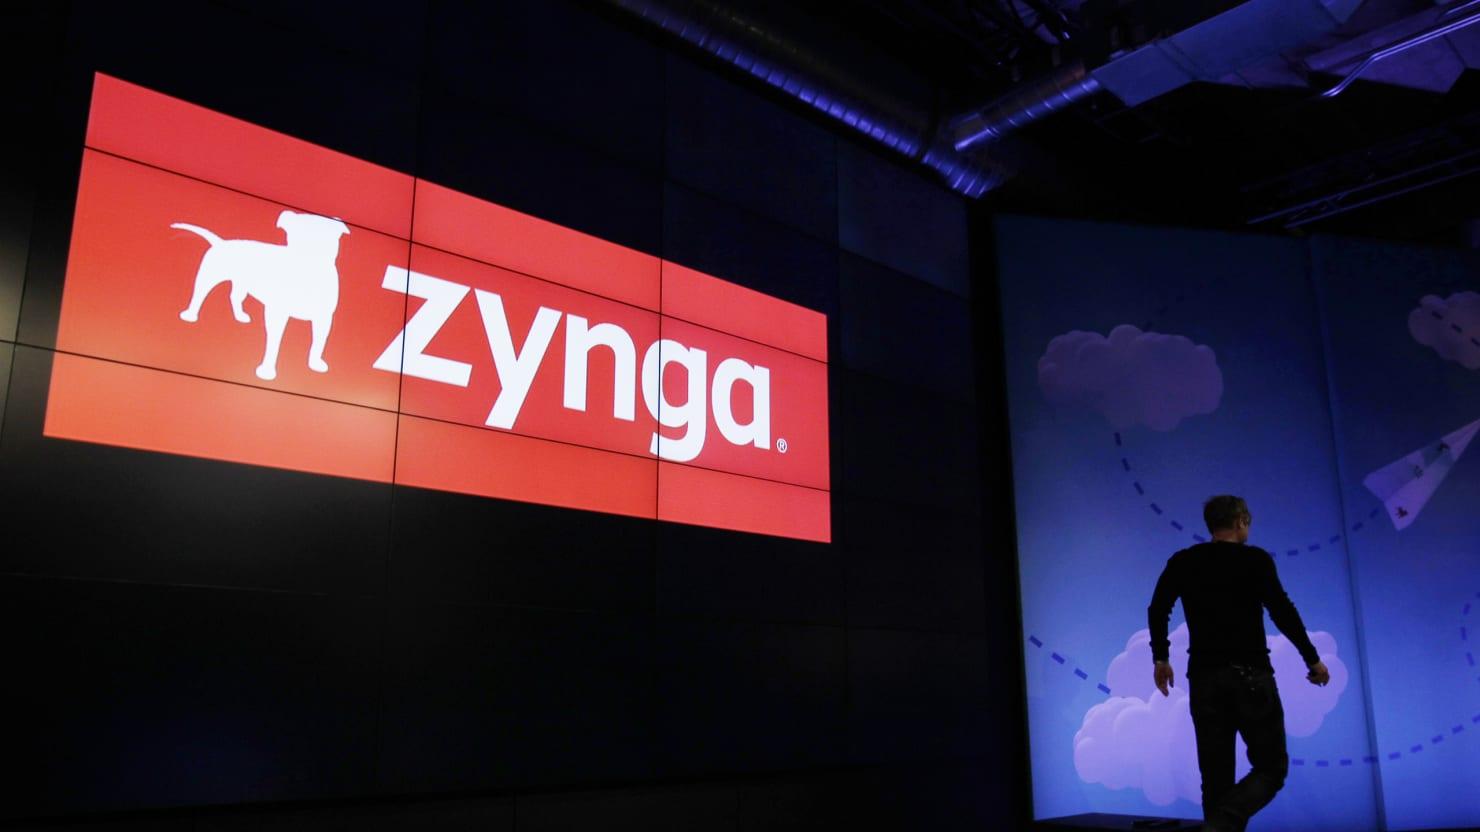 Ex-Zynga Employees Tell All on Reddit